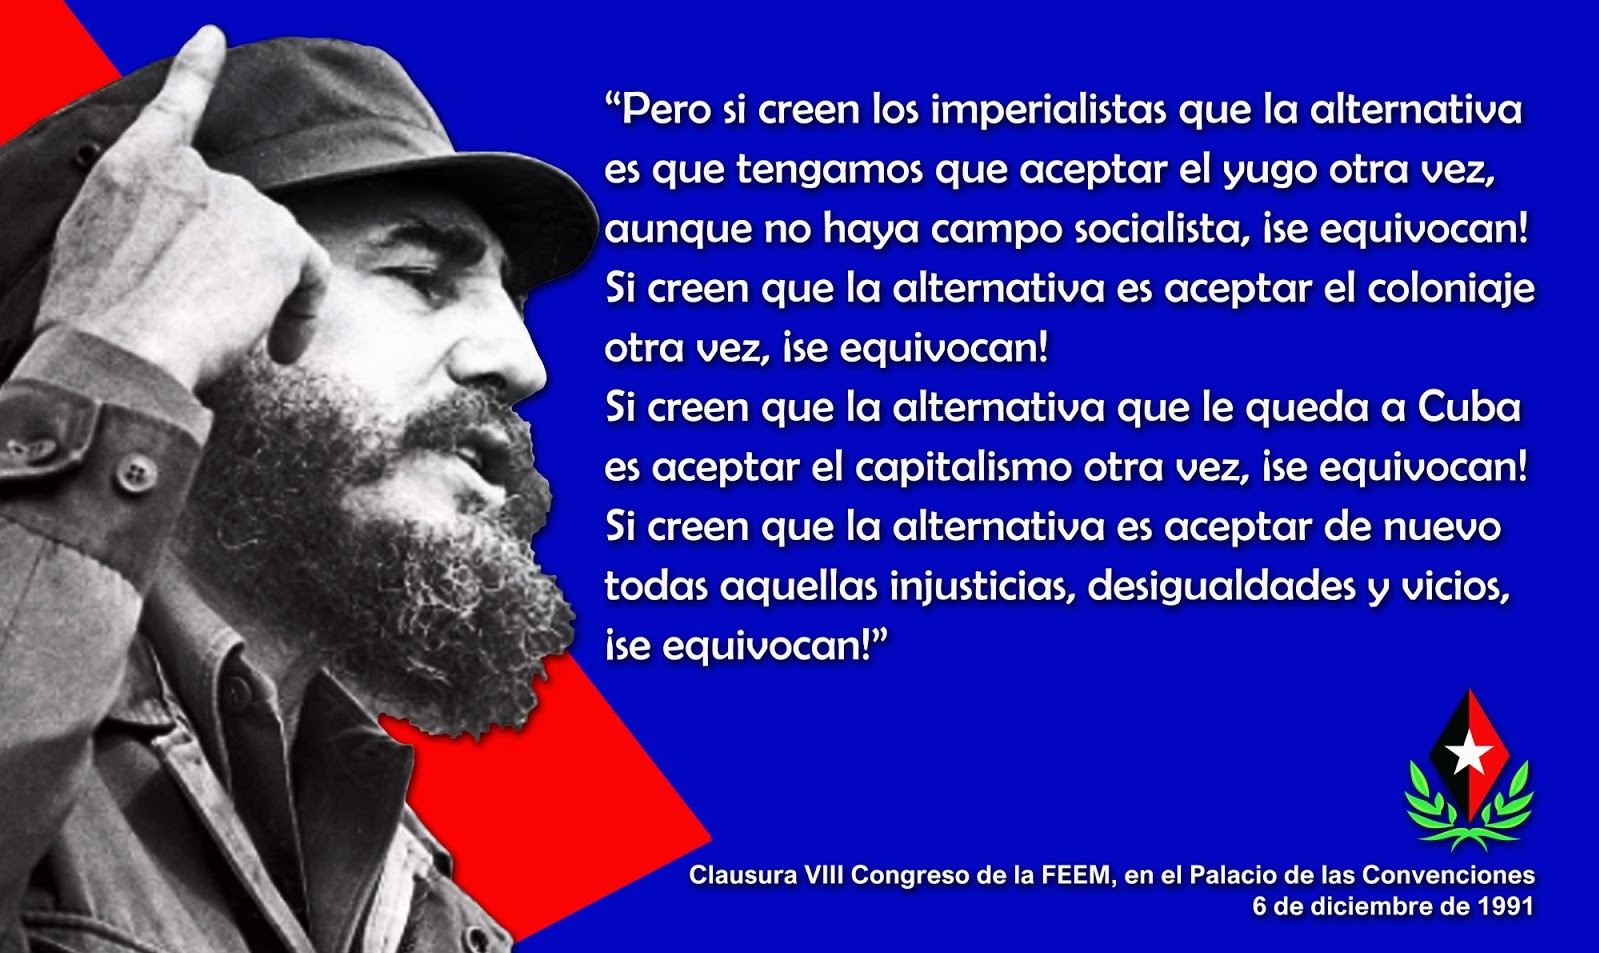 Cuba, el bloqueo y la crisis Por Atilio A. Boron | Diario Página/12, Argentina